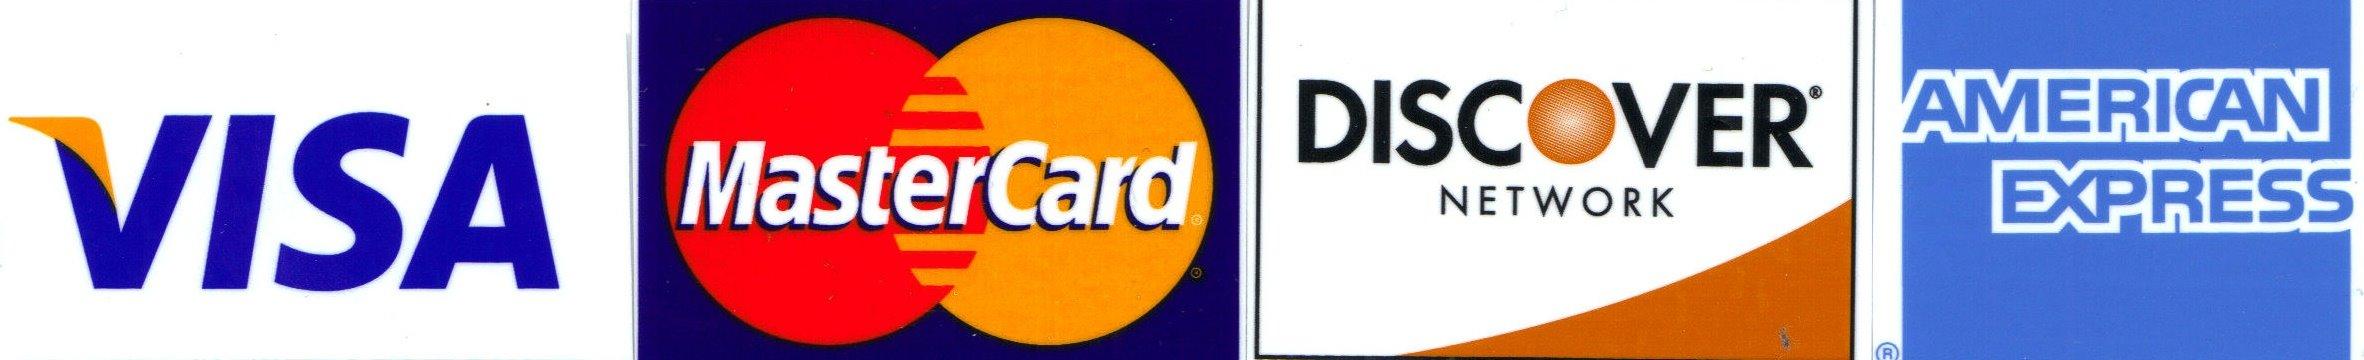 creditcardlogos-full.jpg